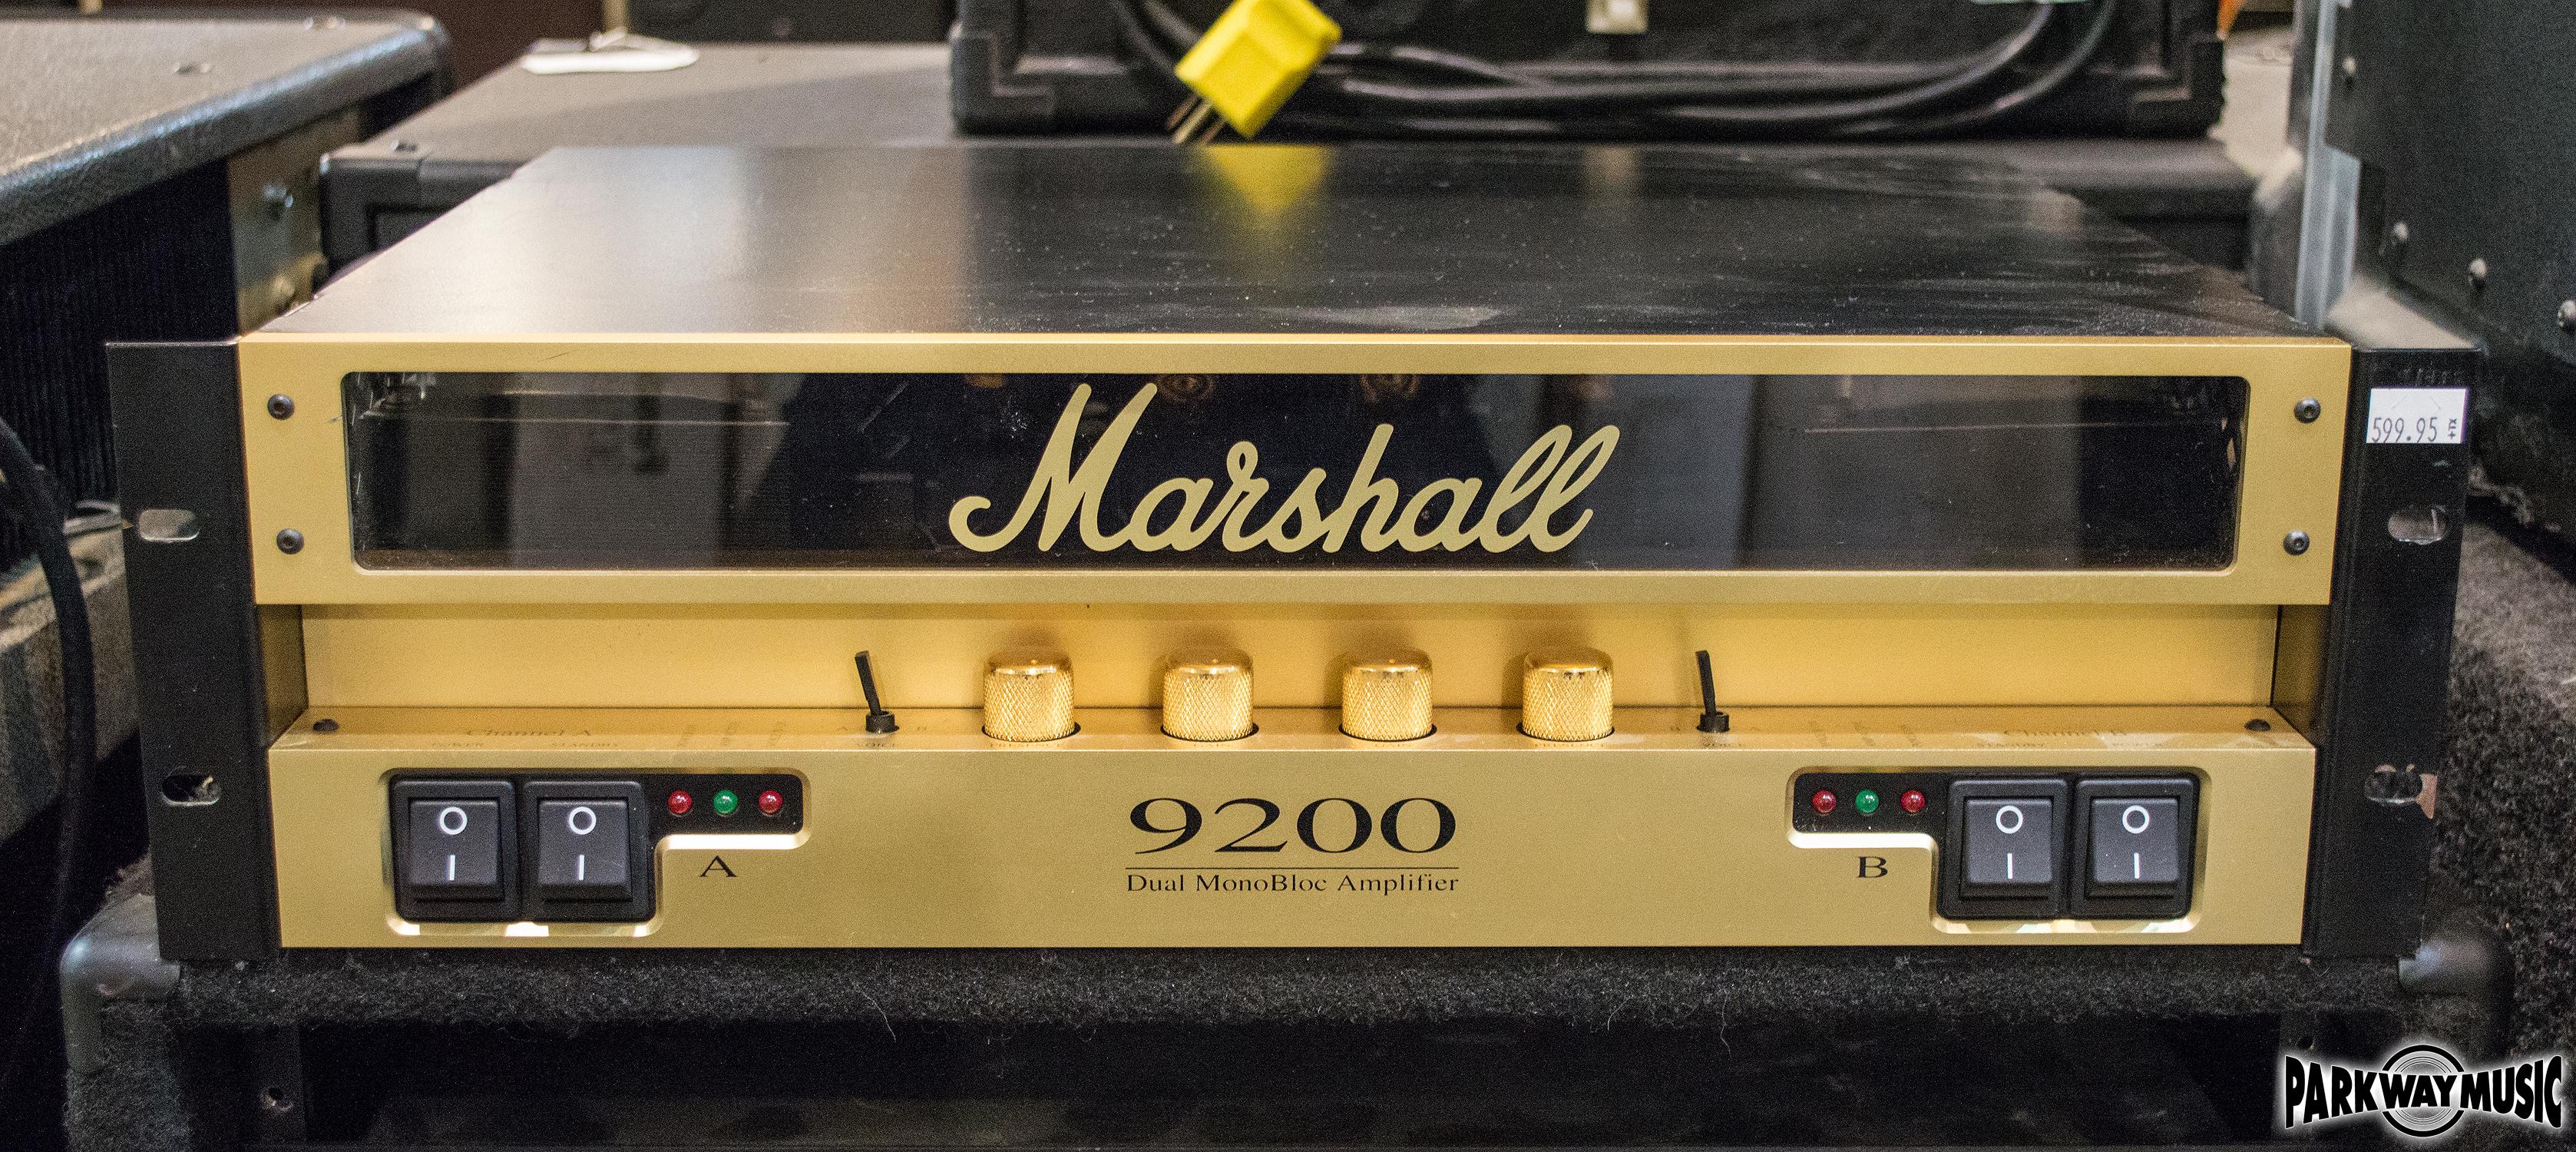 Marshall 9200 Power Amp (USED)